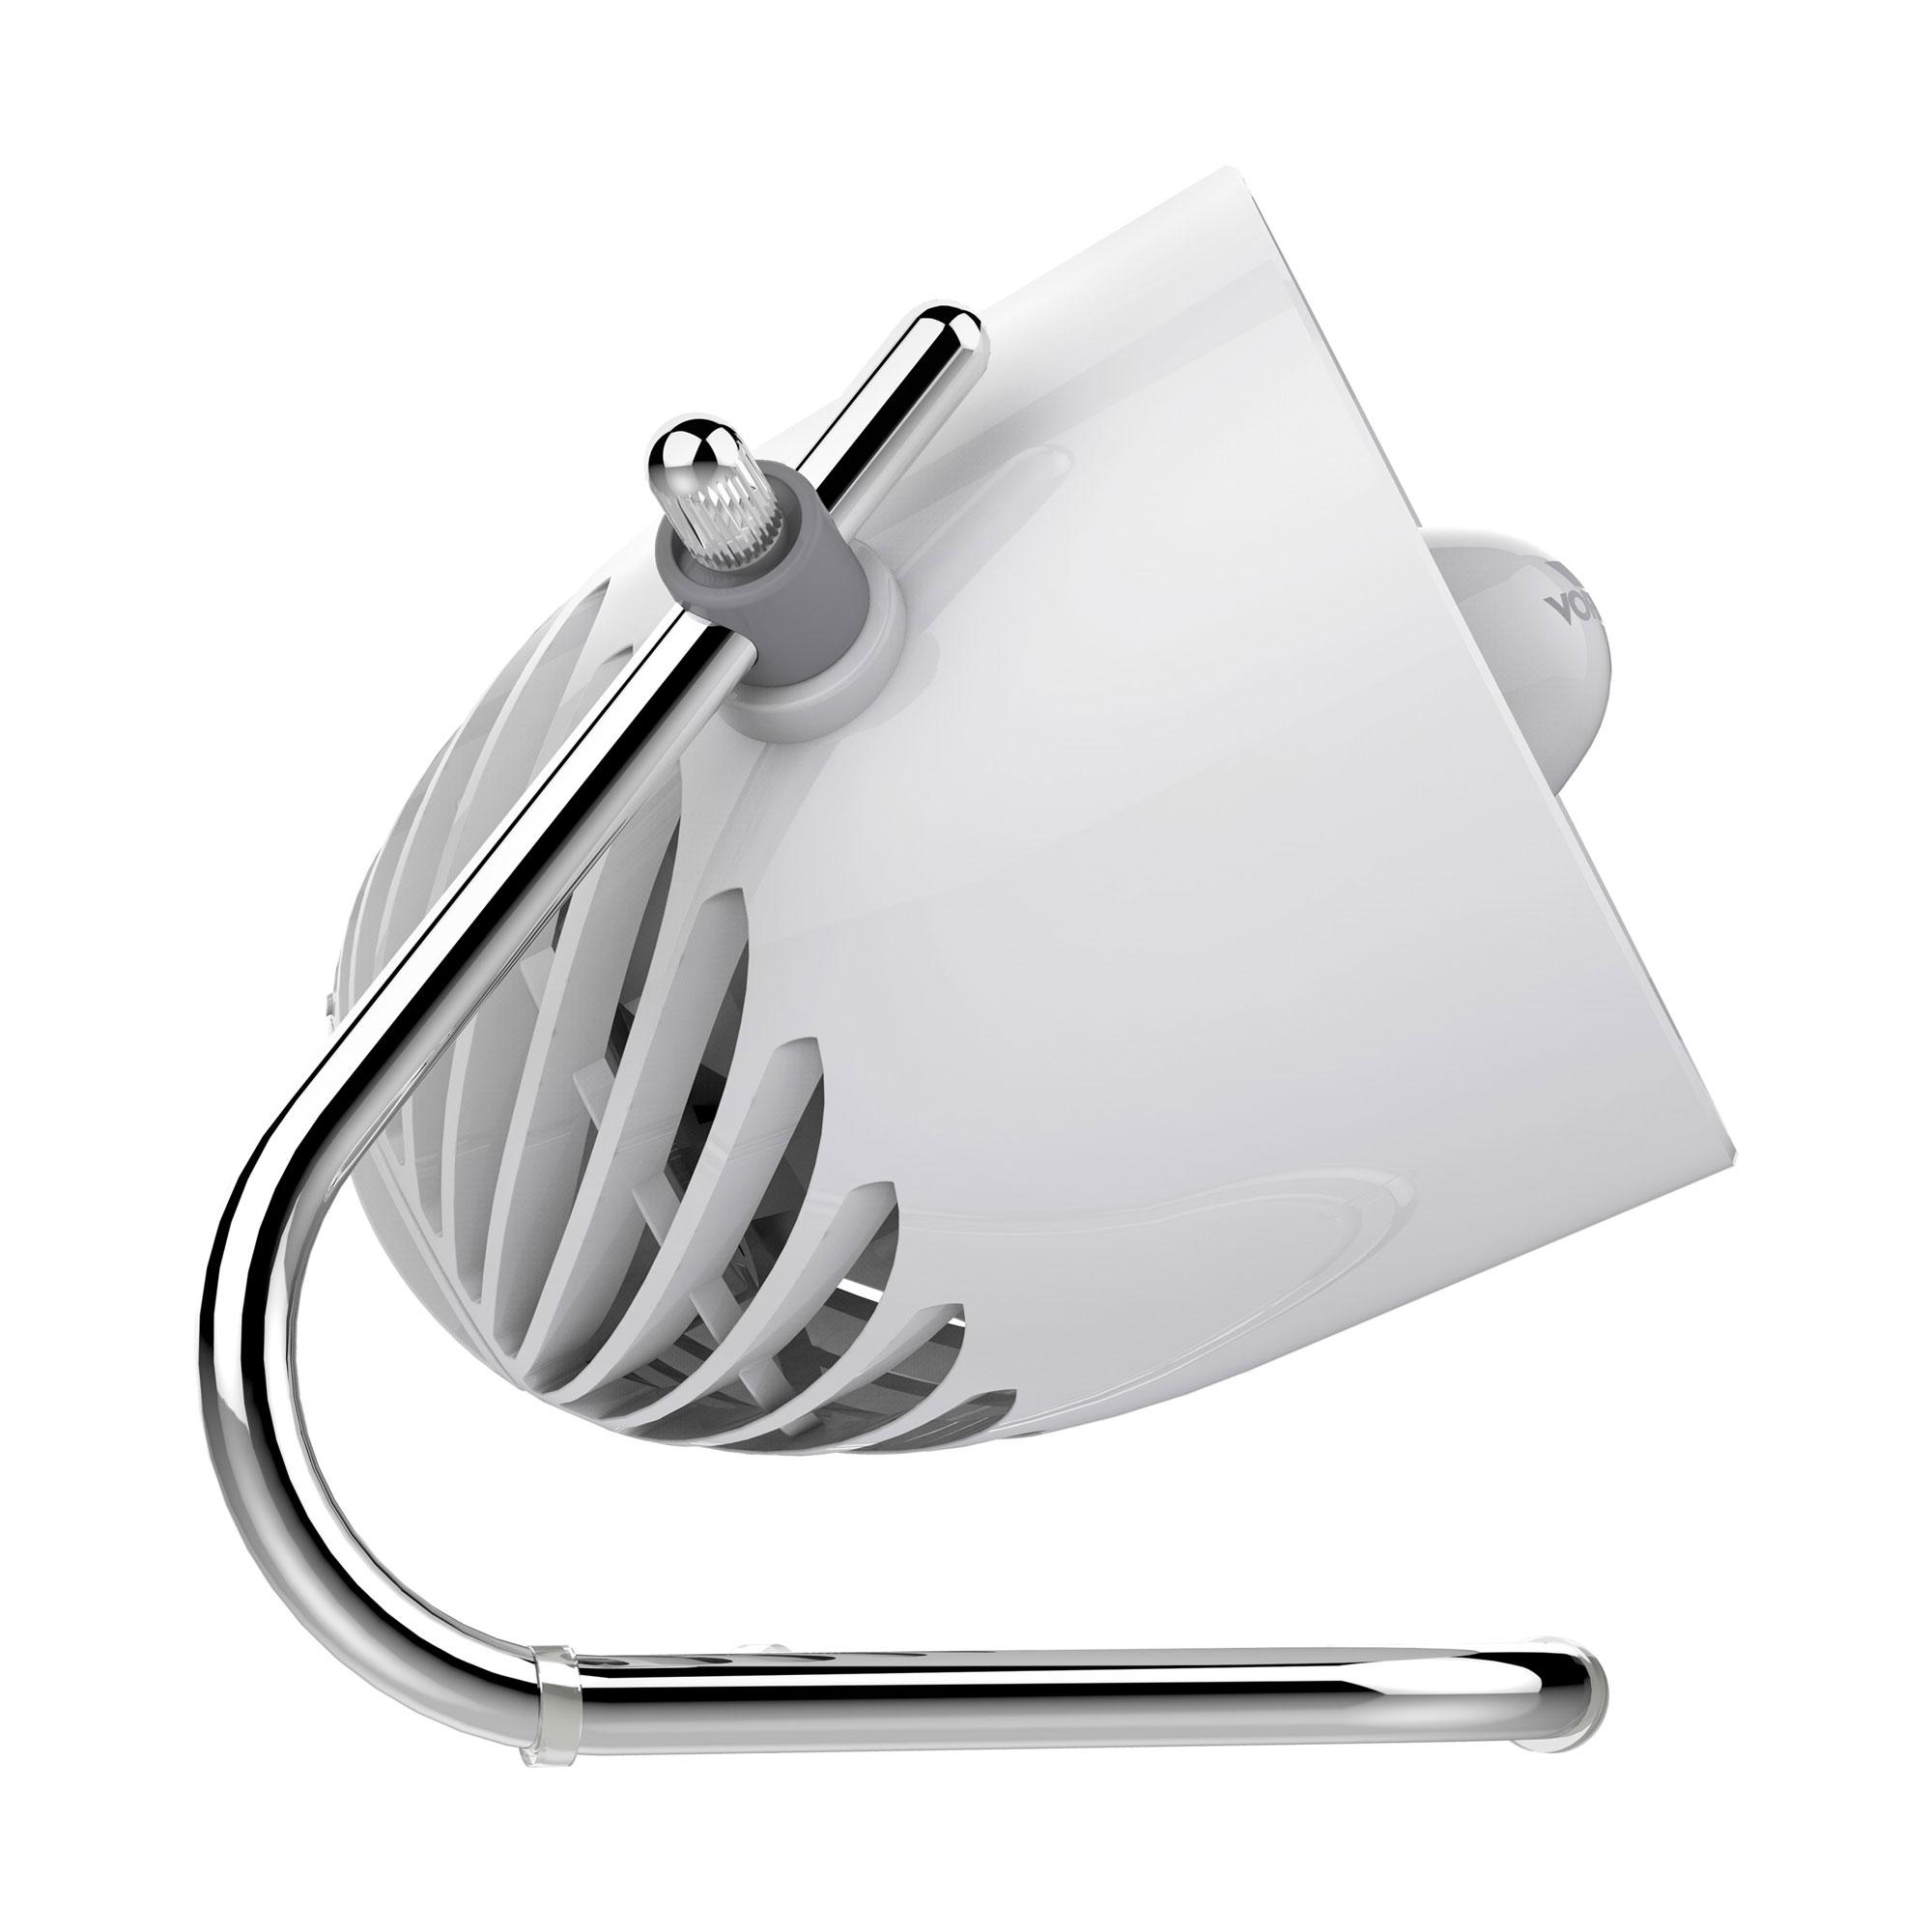 Ventilator / Tisch Ventilator Vornado Pivot weiß-champagner Bild 4